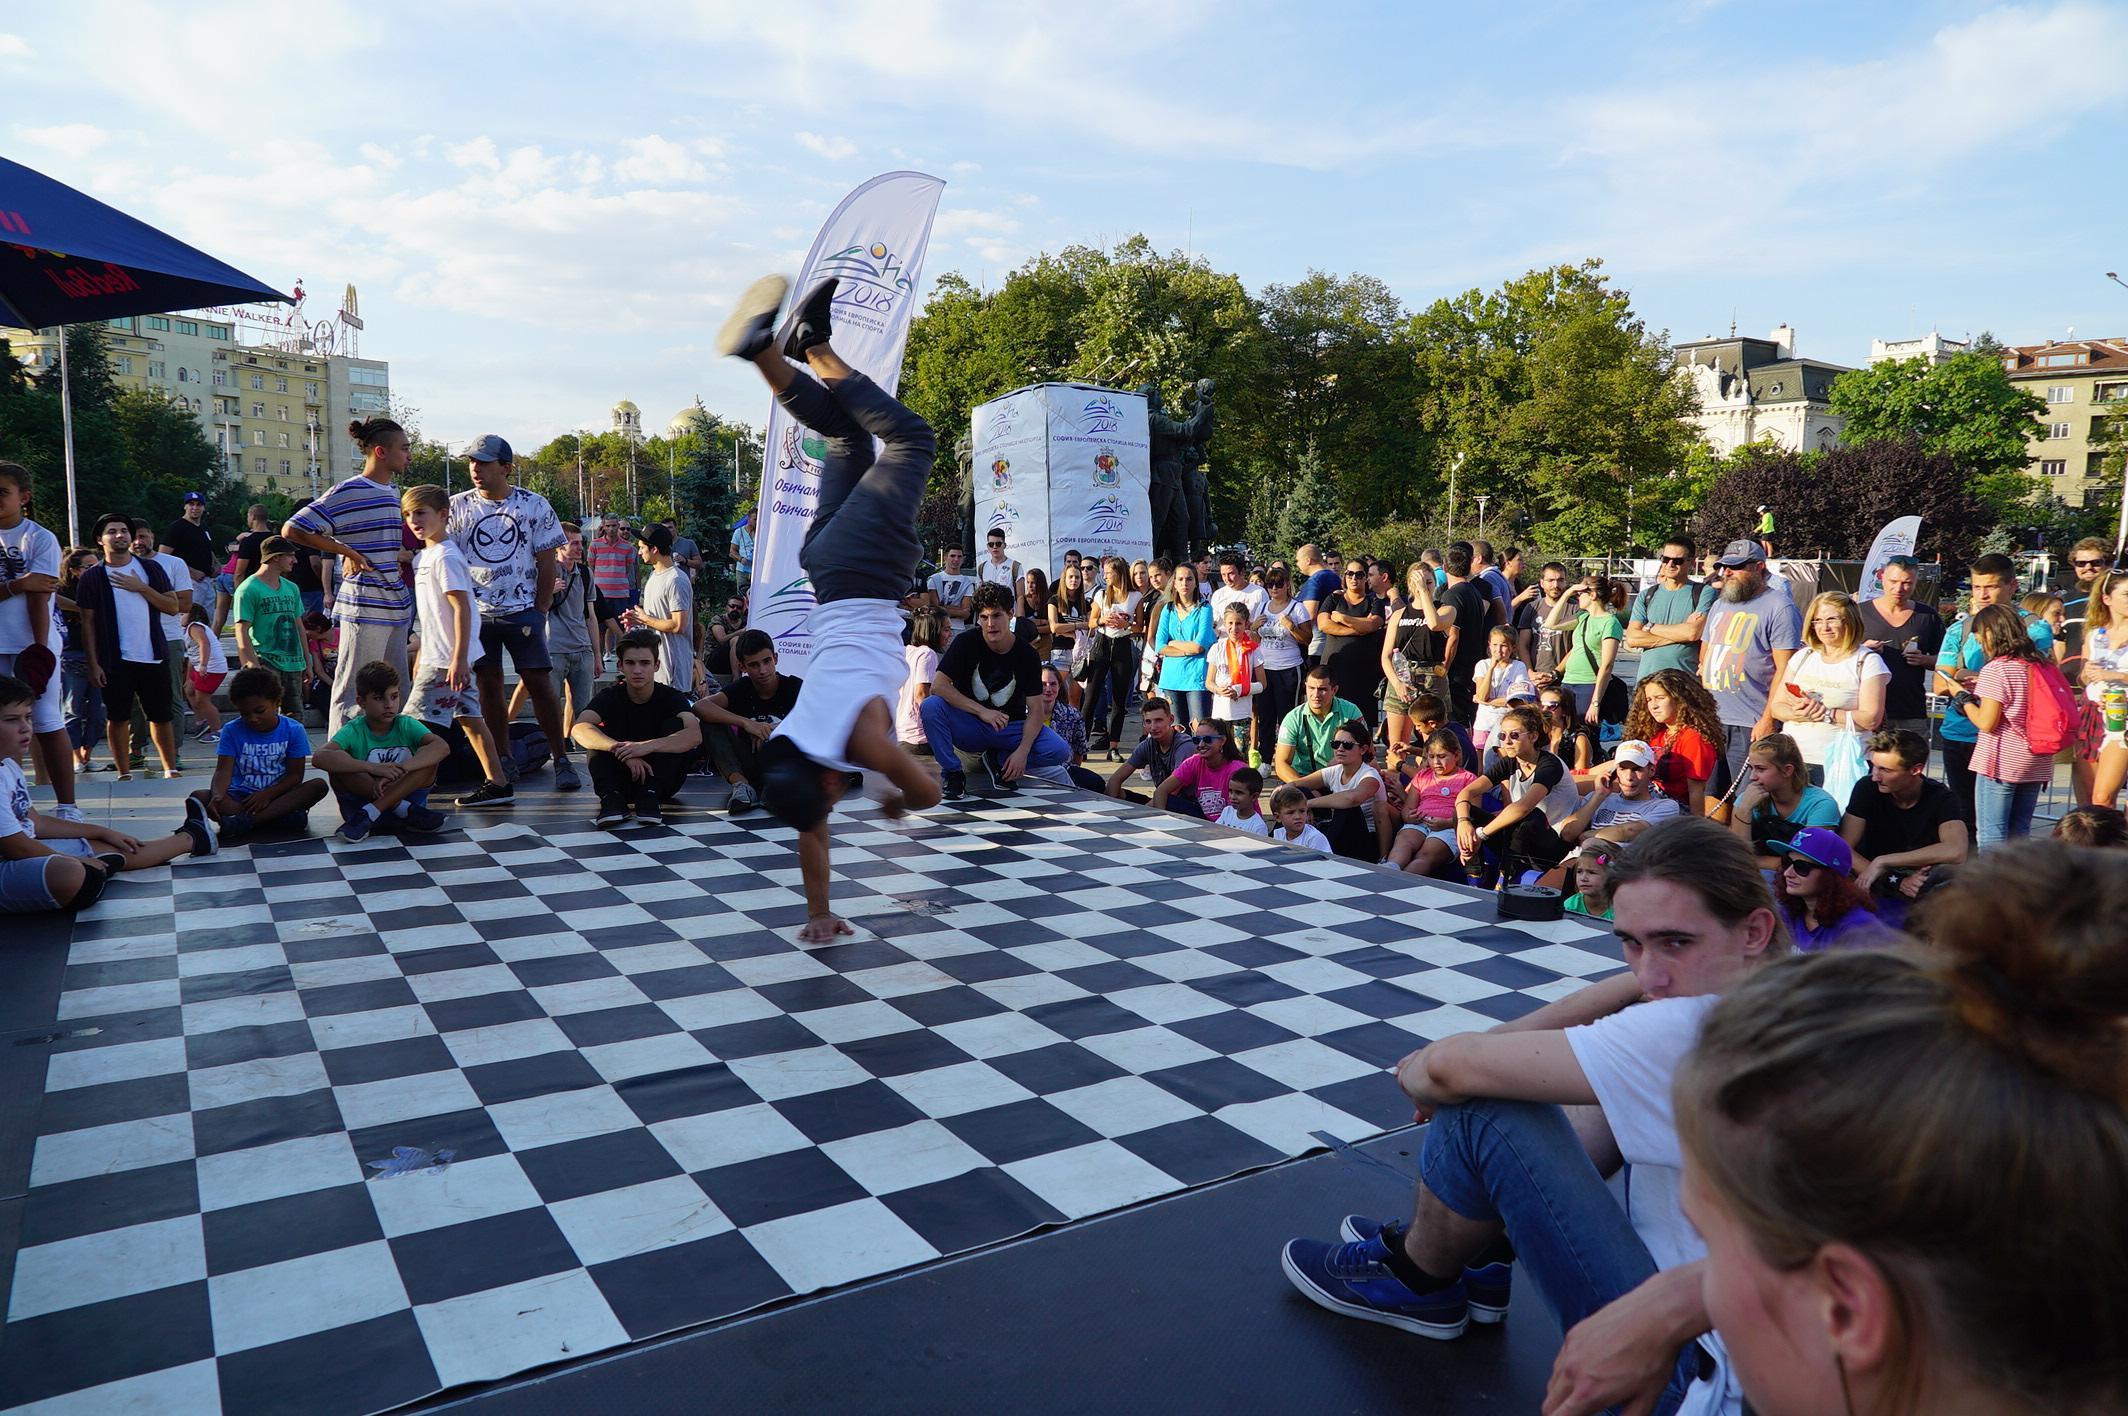 В Княжеската градина на София: Турнир по брейк, паркур  и стрийт фитнес на